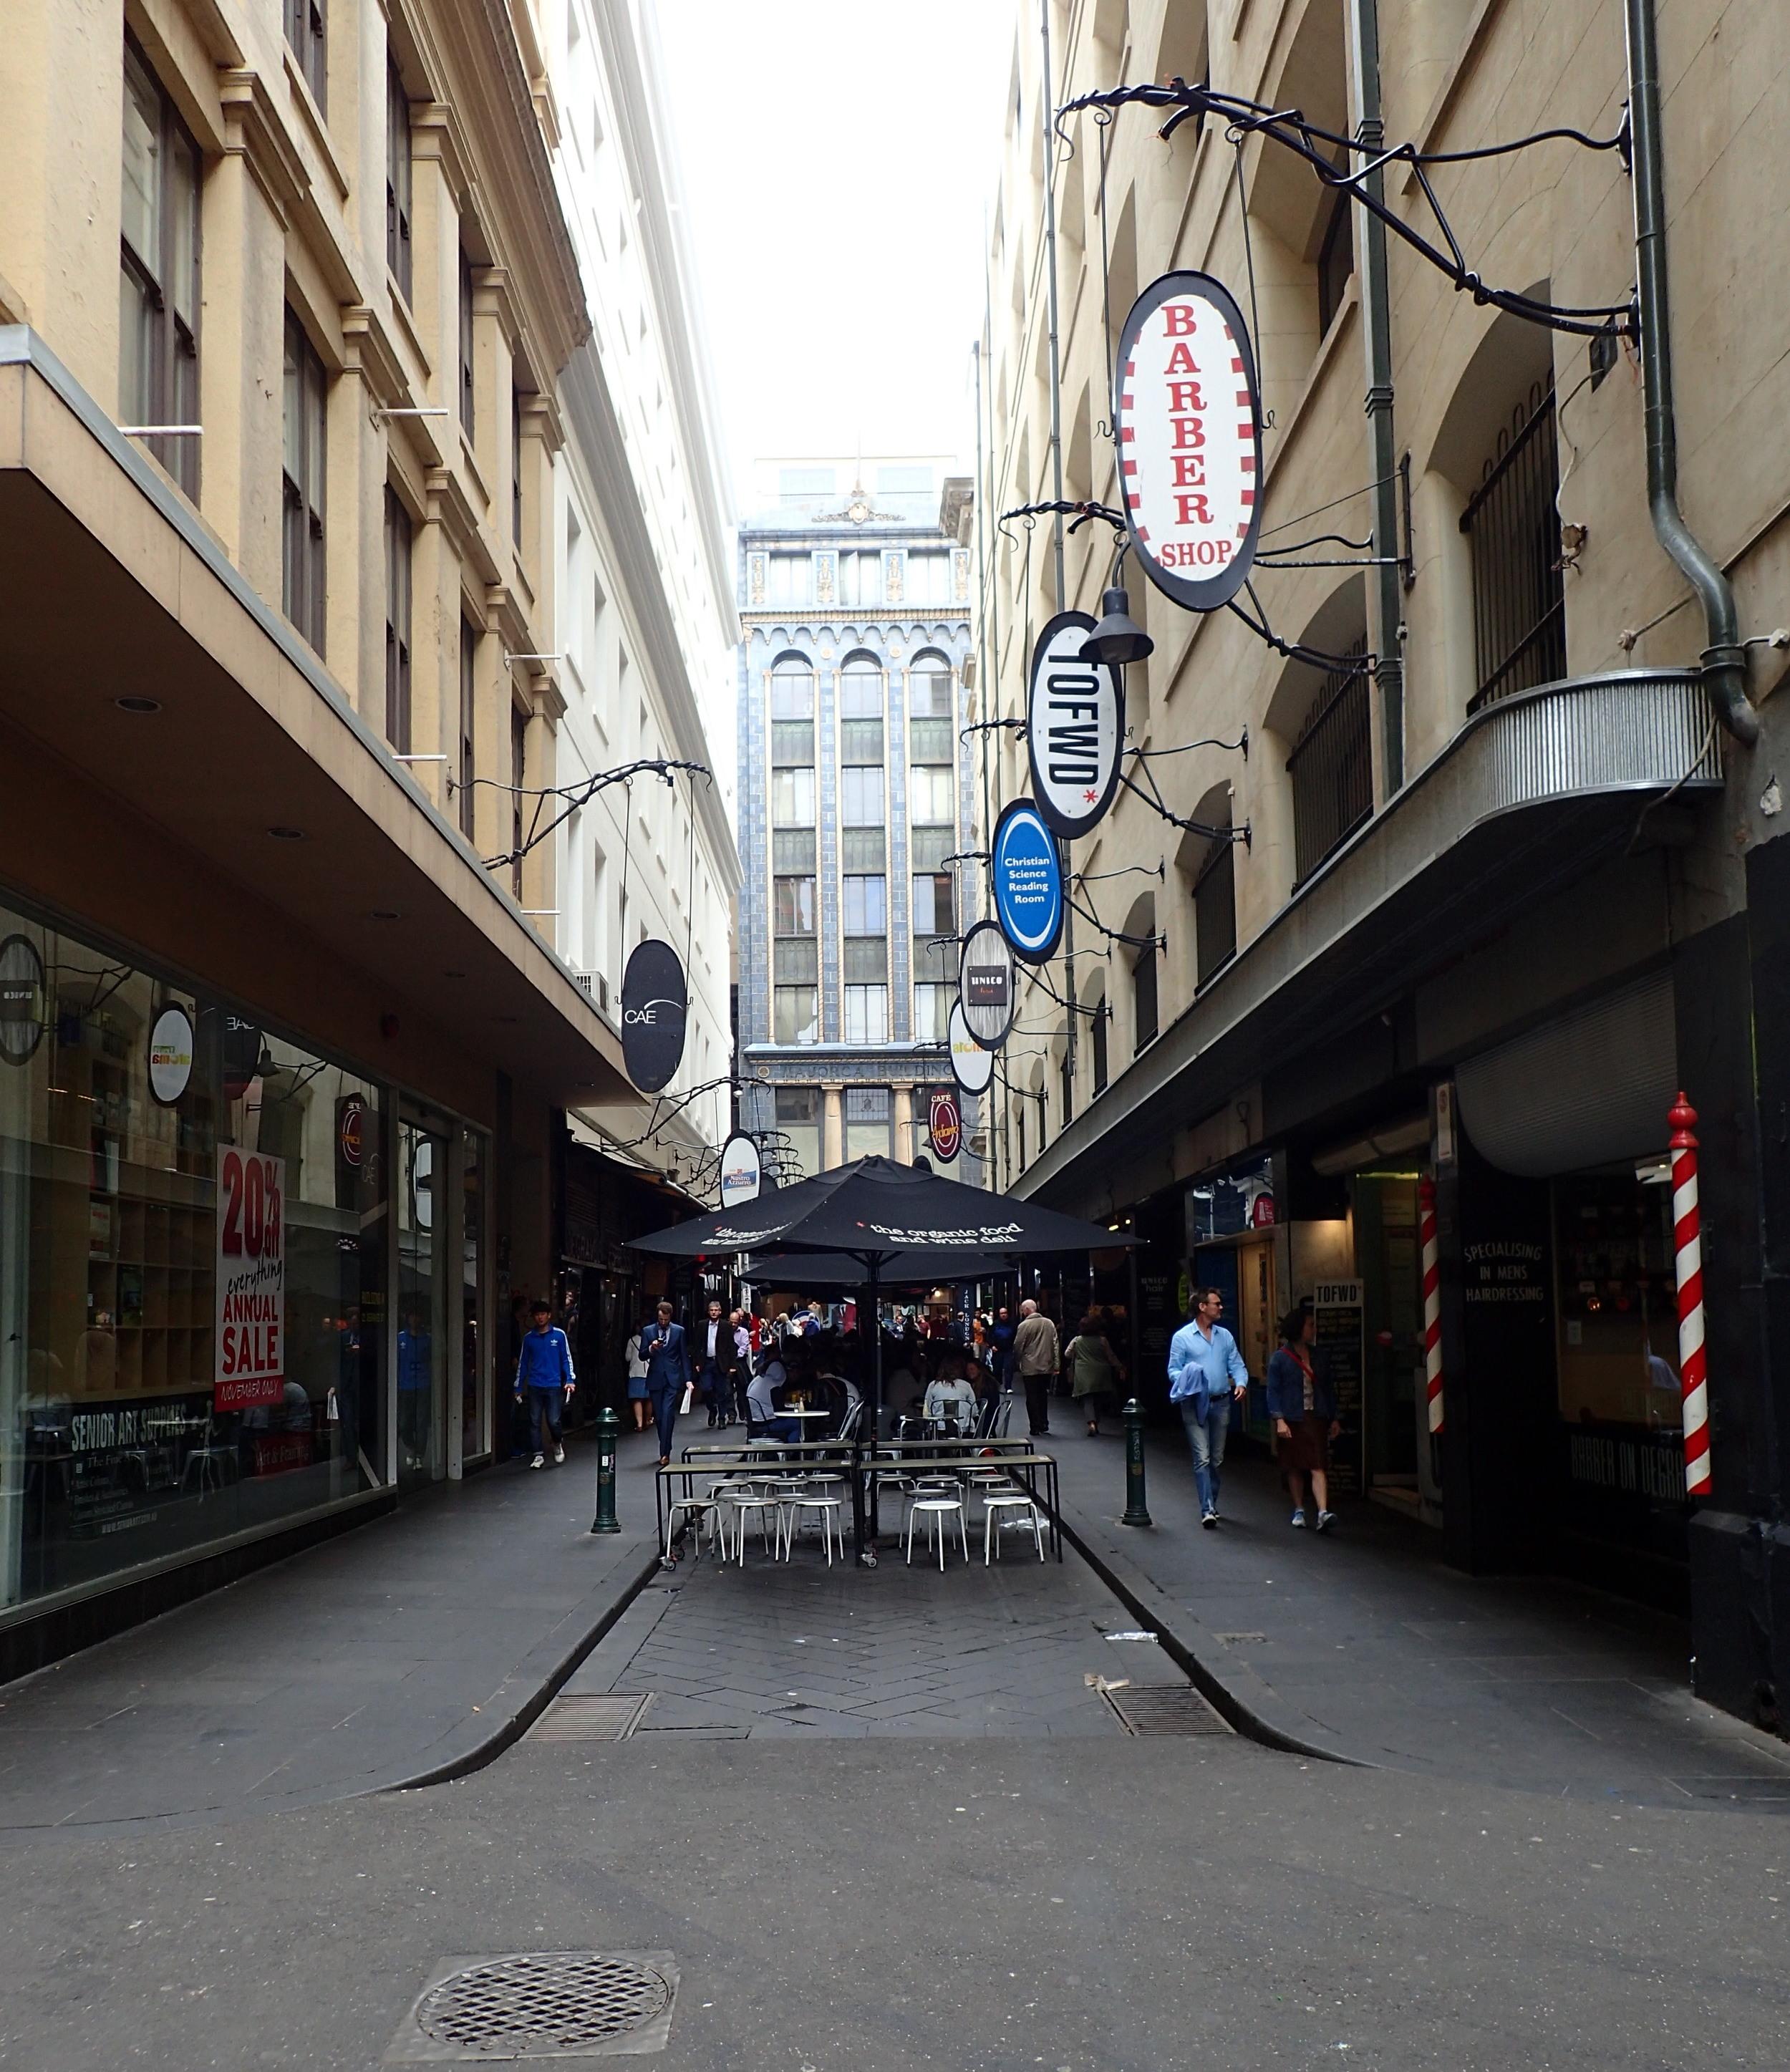 Swanky Melbourne side street.